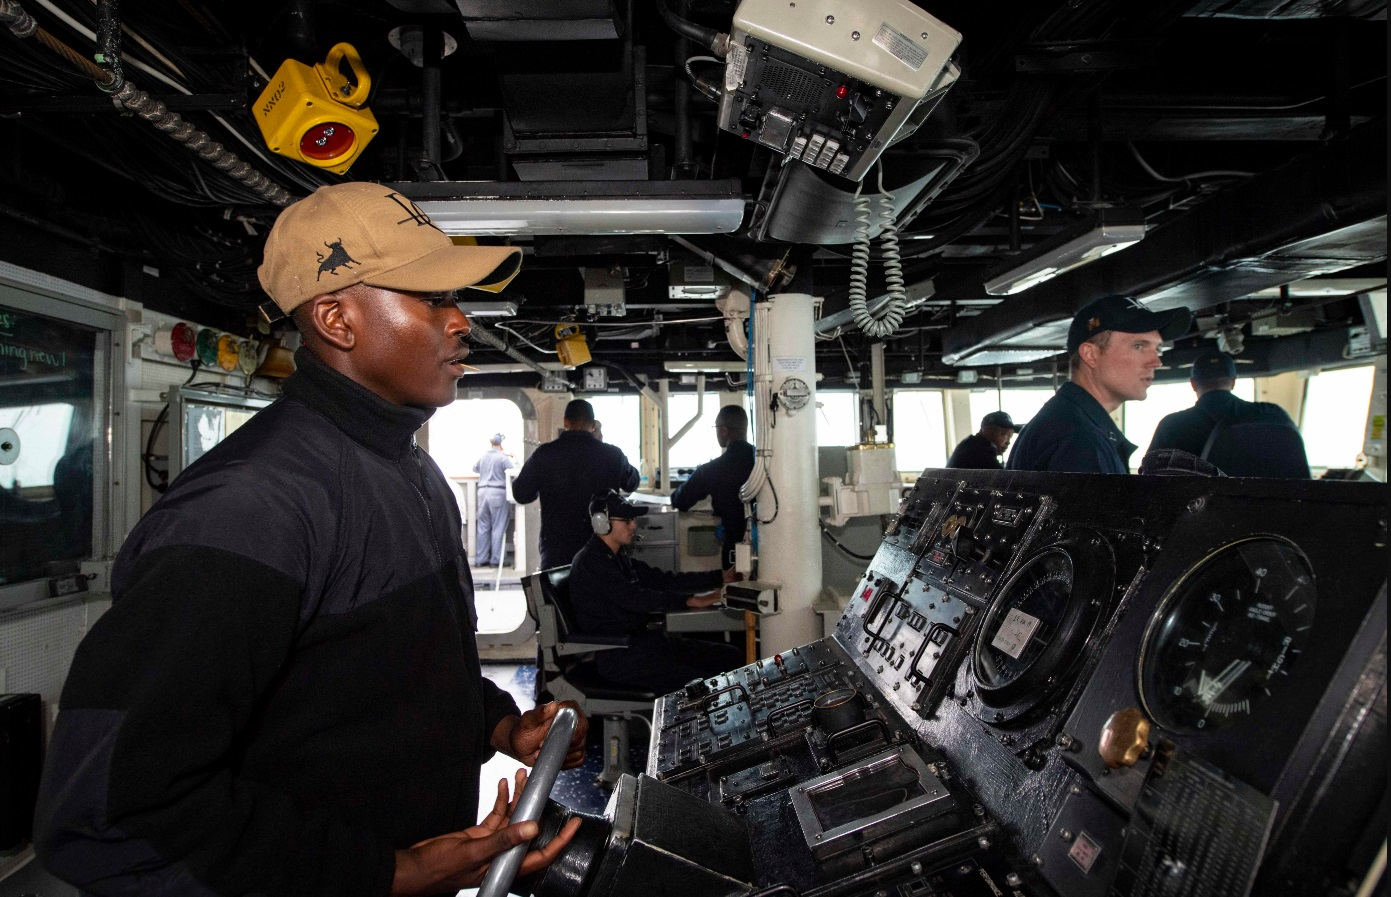 В ВМС США отказываются от использования сенсорных экранов в системах управления боевых кораблей - 7